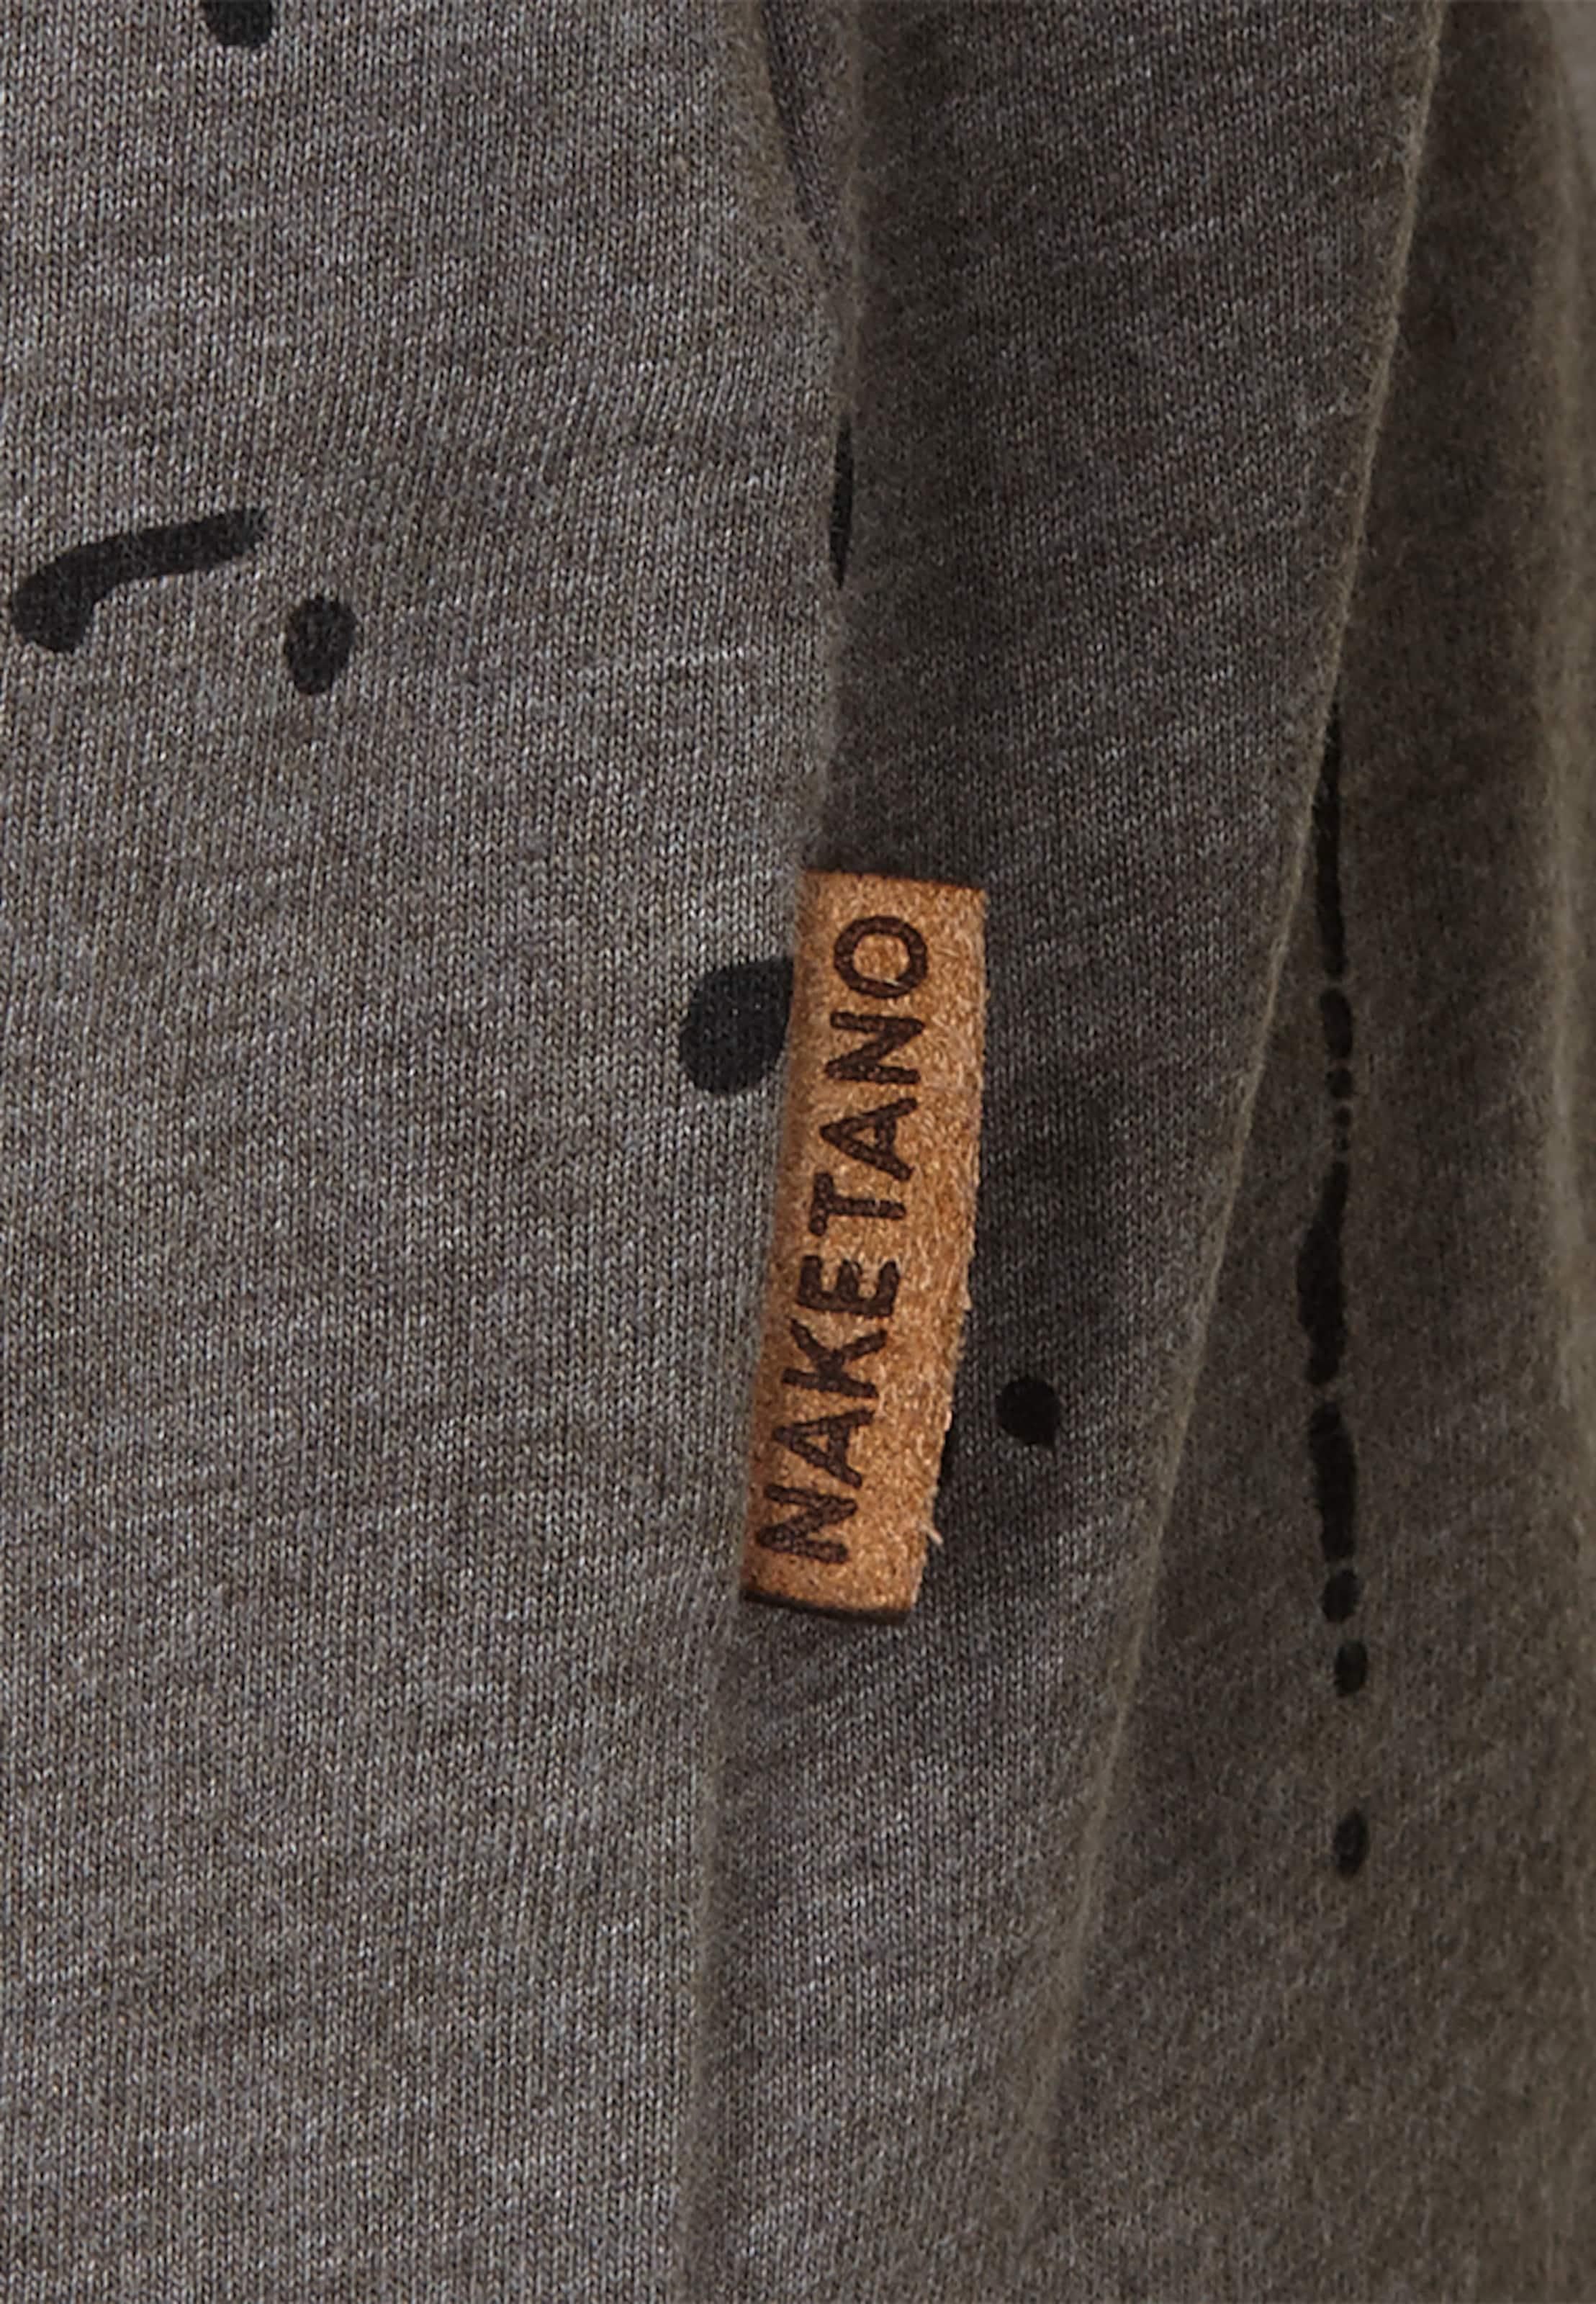 Outlet Großer Verkauf naketano Sweatshirt 'Nordschleife made men' Große Überraschung Zu Verkaufen 4wOiUz8J